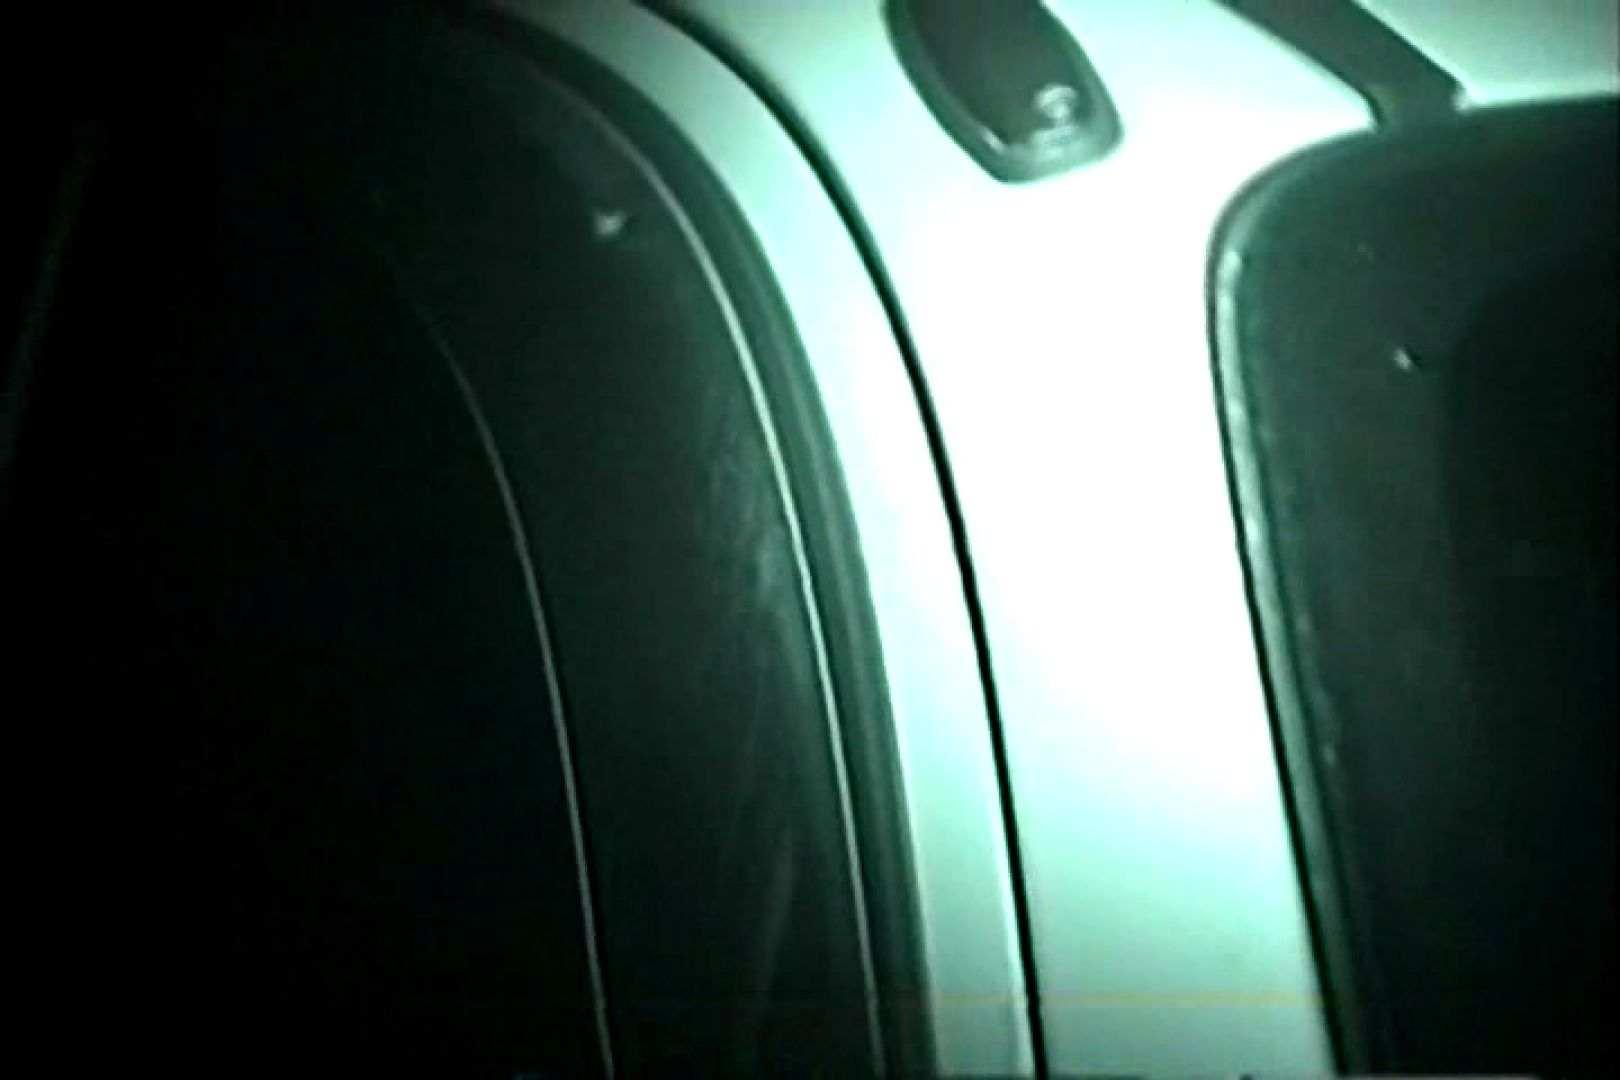 充血監督の深夜の運動会Vol.129 OL女体 オマンコ無修正動画無料 85連発 50